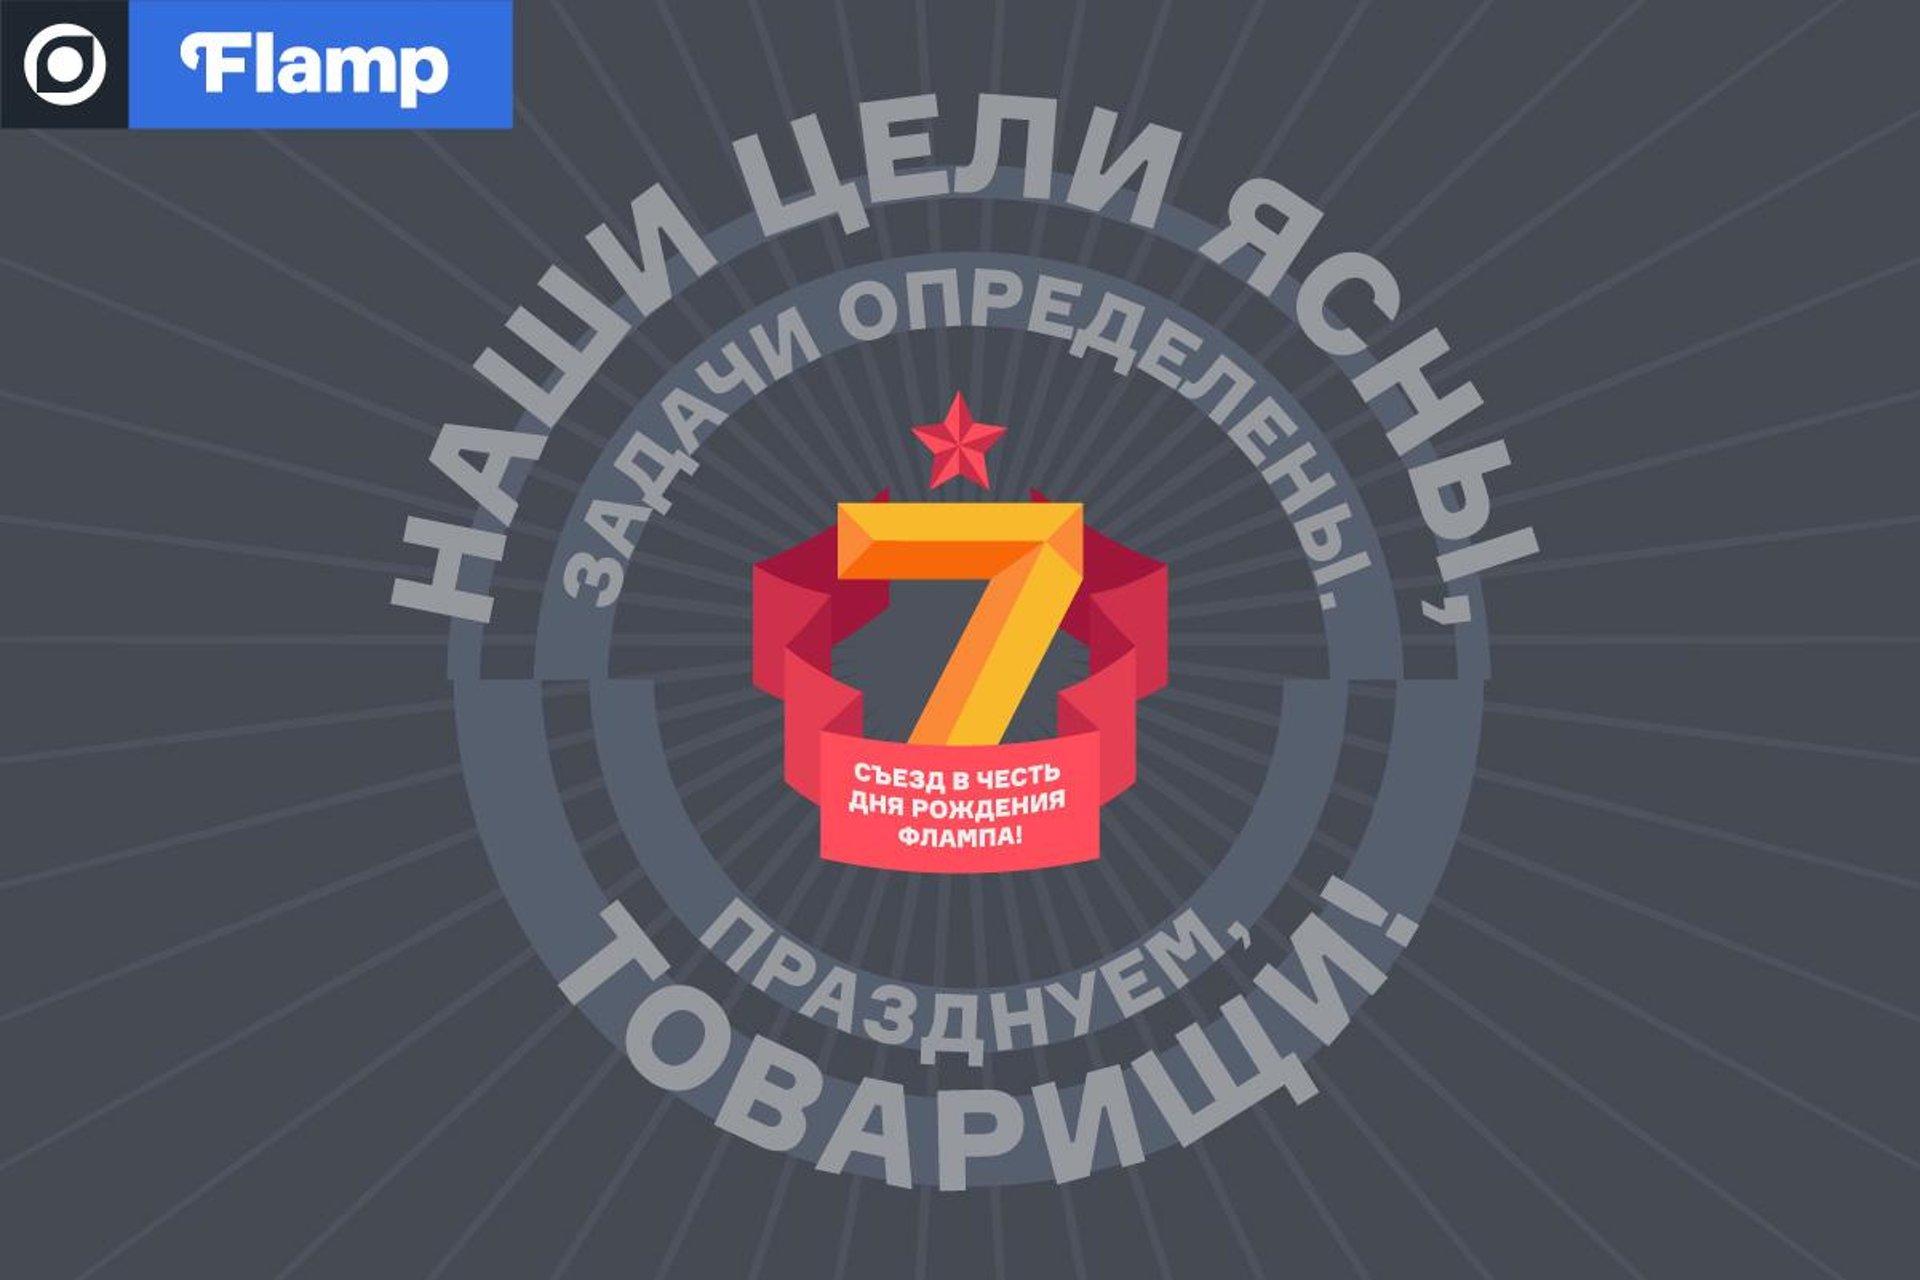 Программа седьмого съезда фламперов